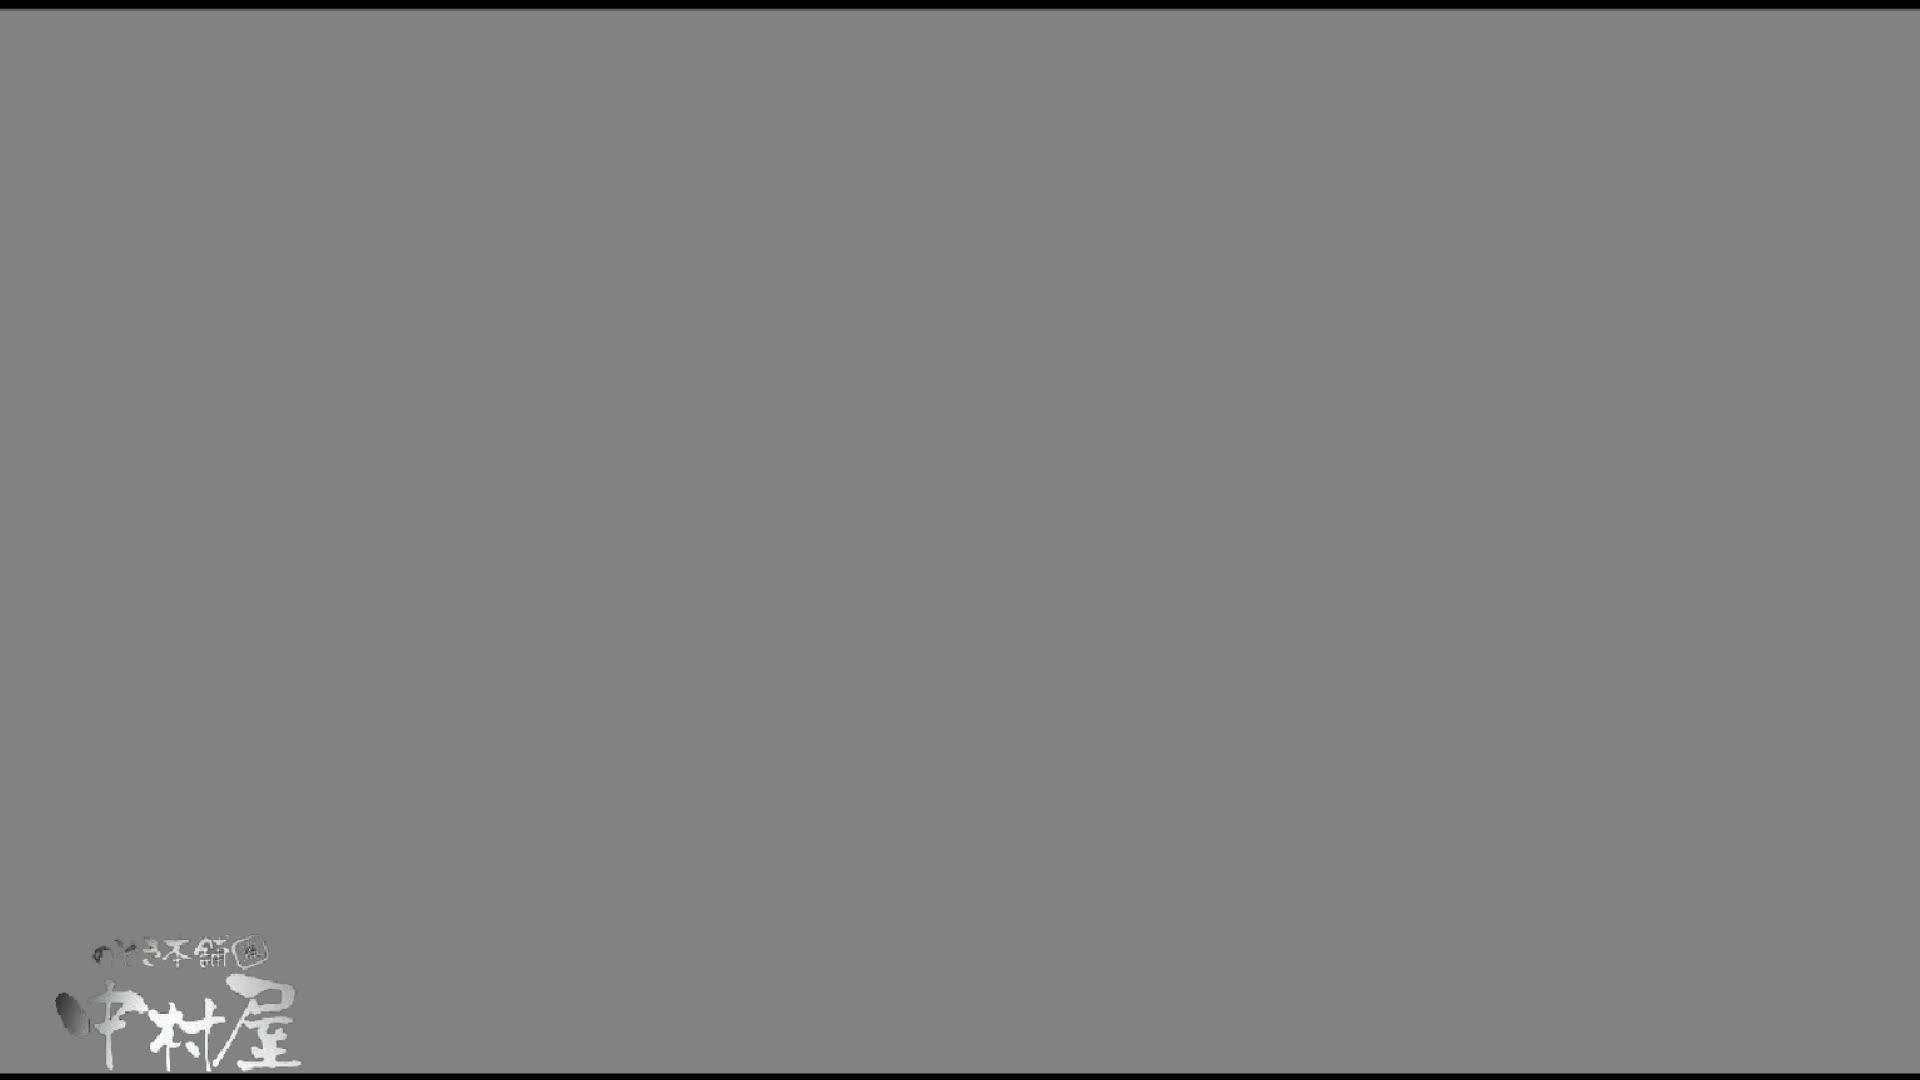 飛び出す黄金水!!!アトレ潜入 かわや盗撮 vol.05 女体盗撮 盗撮オマンコ無修正動画無料 90連発 3